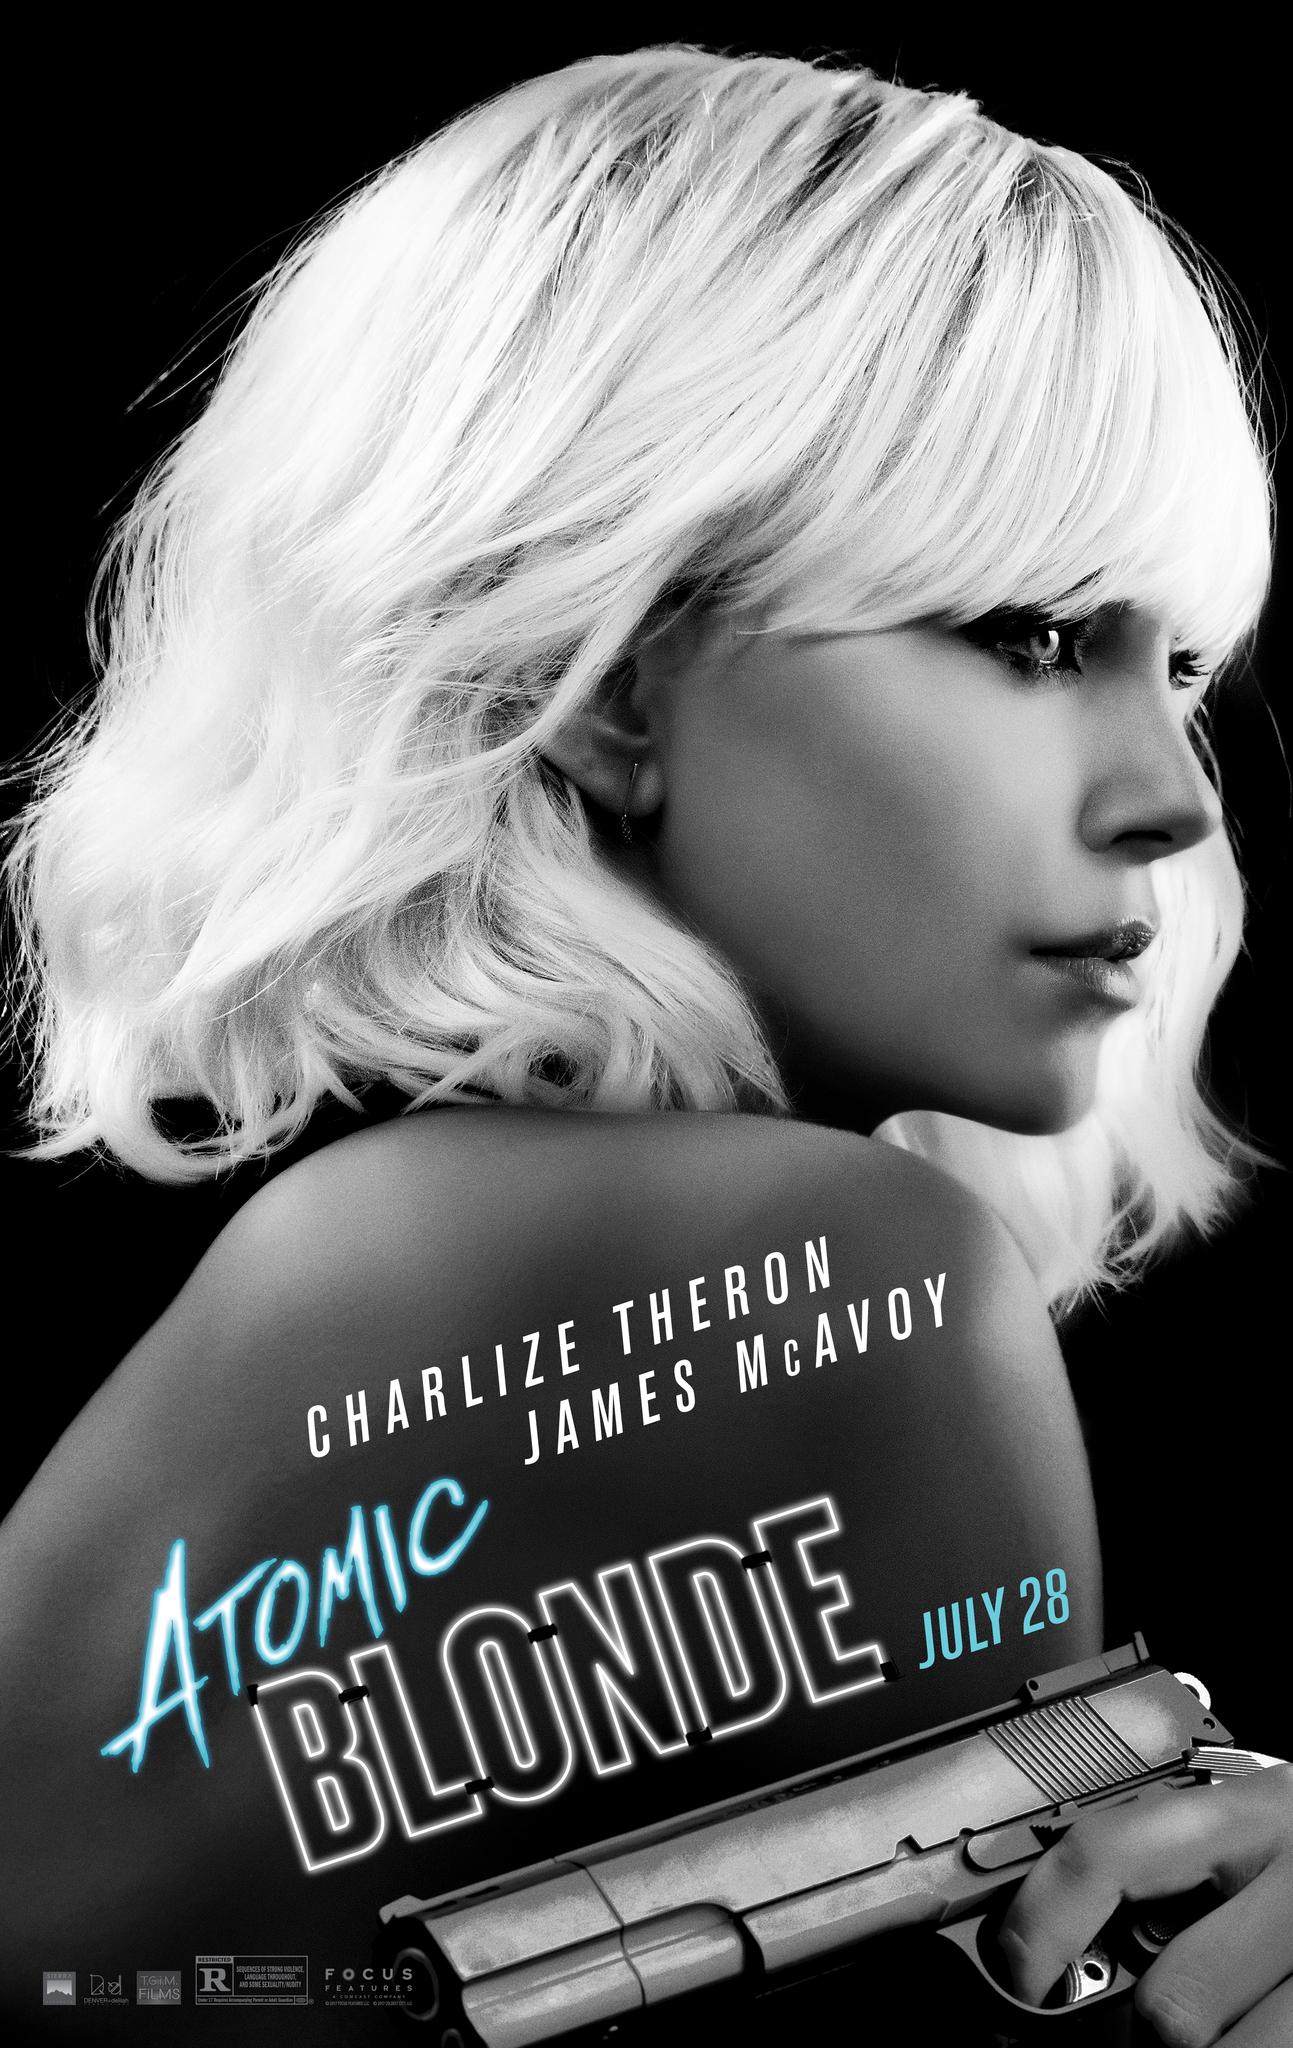 Atomic Blonde full movie streaming